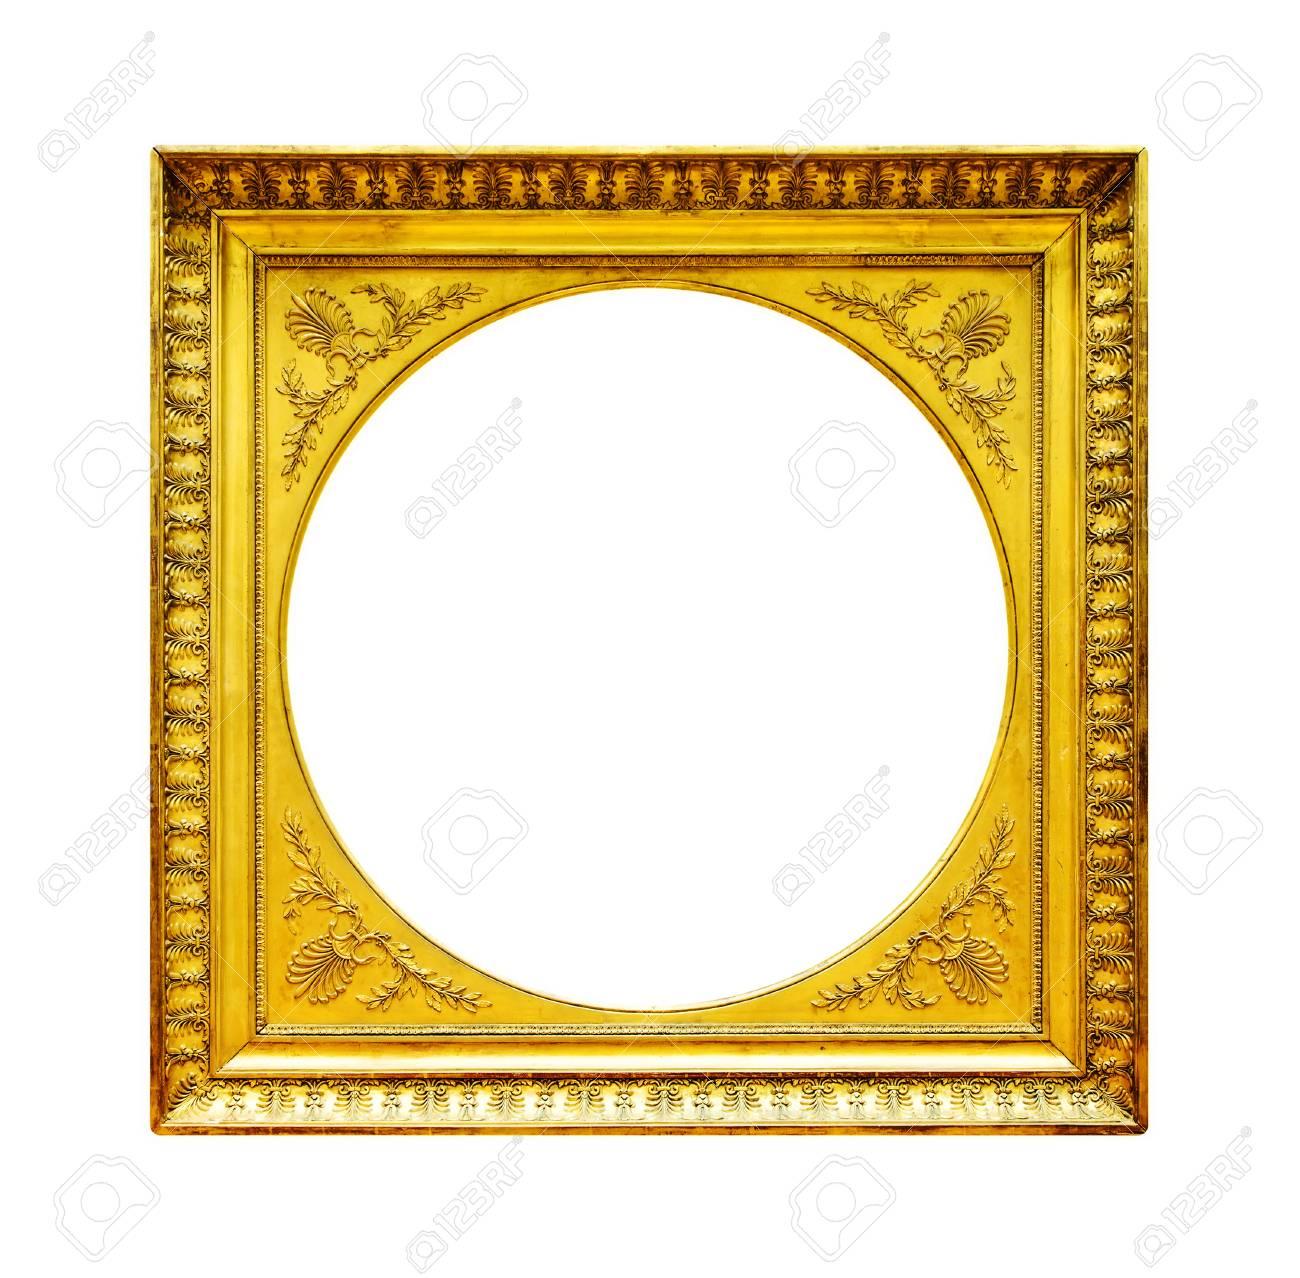 Gold Holzrahmen Isoliert Auf Weißem Hintergrund Lizenzfreie Fotos ...